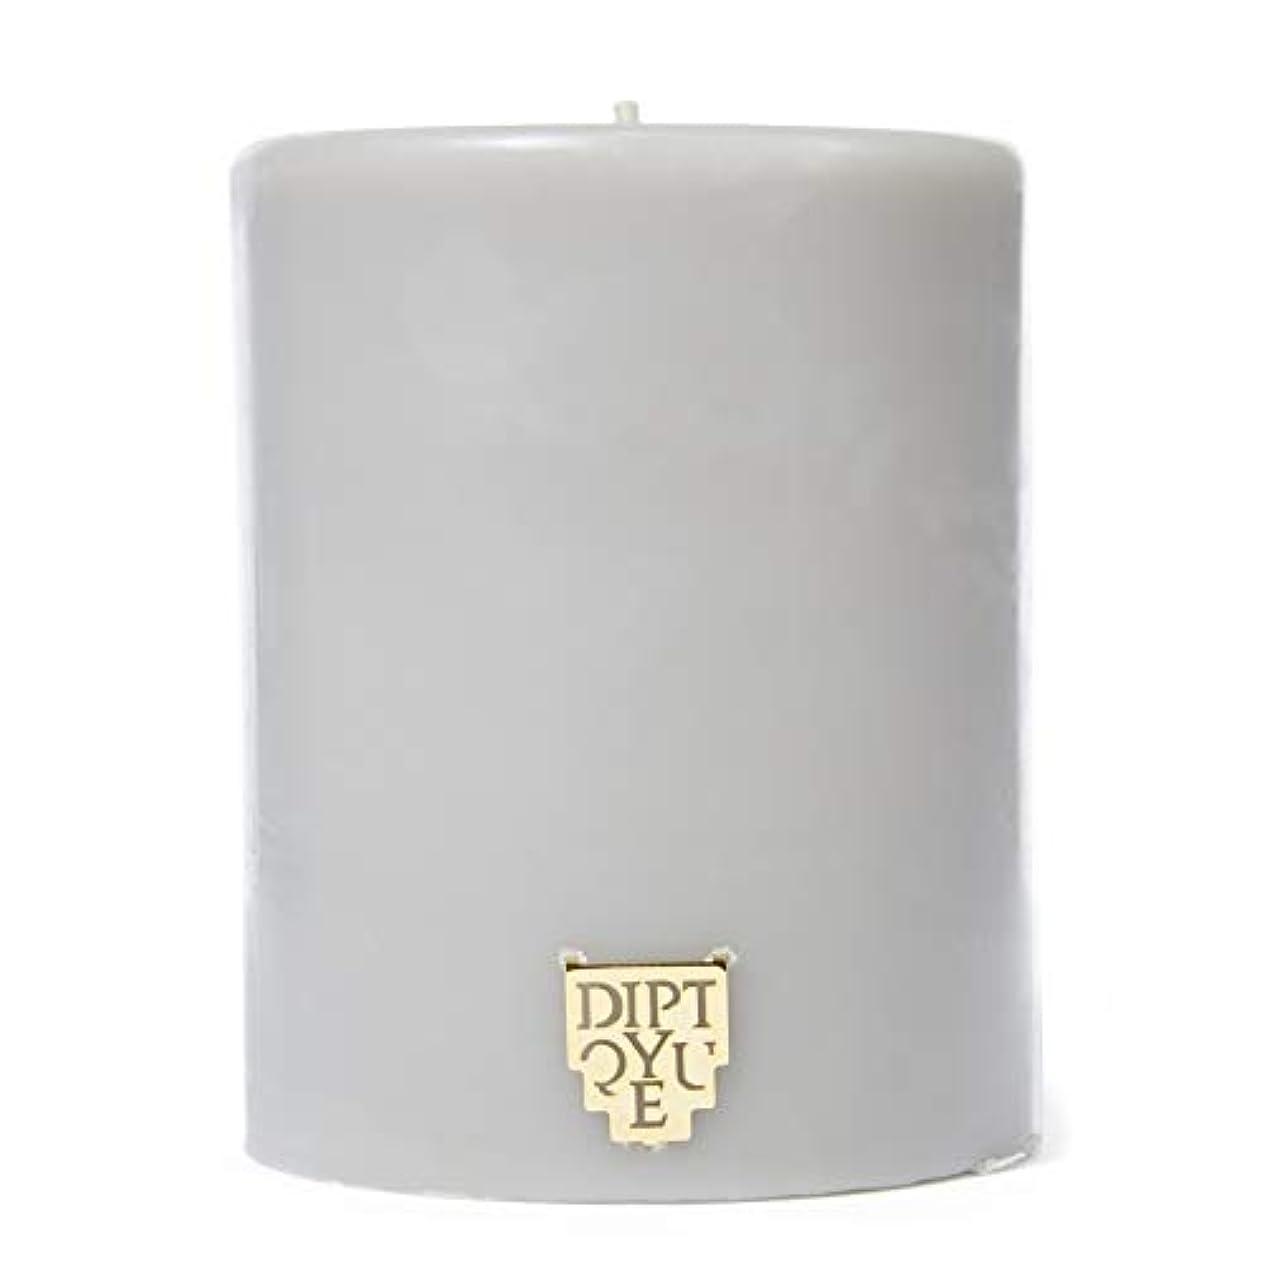 ランチョン敬な素晴らしさ[Diptyque] DiptyqueのFeuデボワピラーキャンドル450グラム - Diptyque Feu De Bois Pillar Candle 450g [並行輸入品]